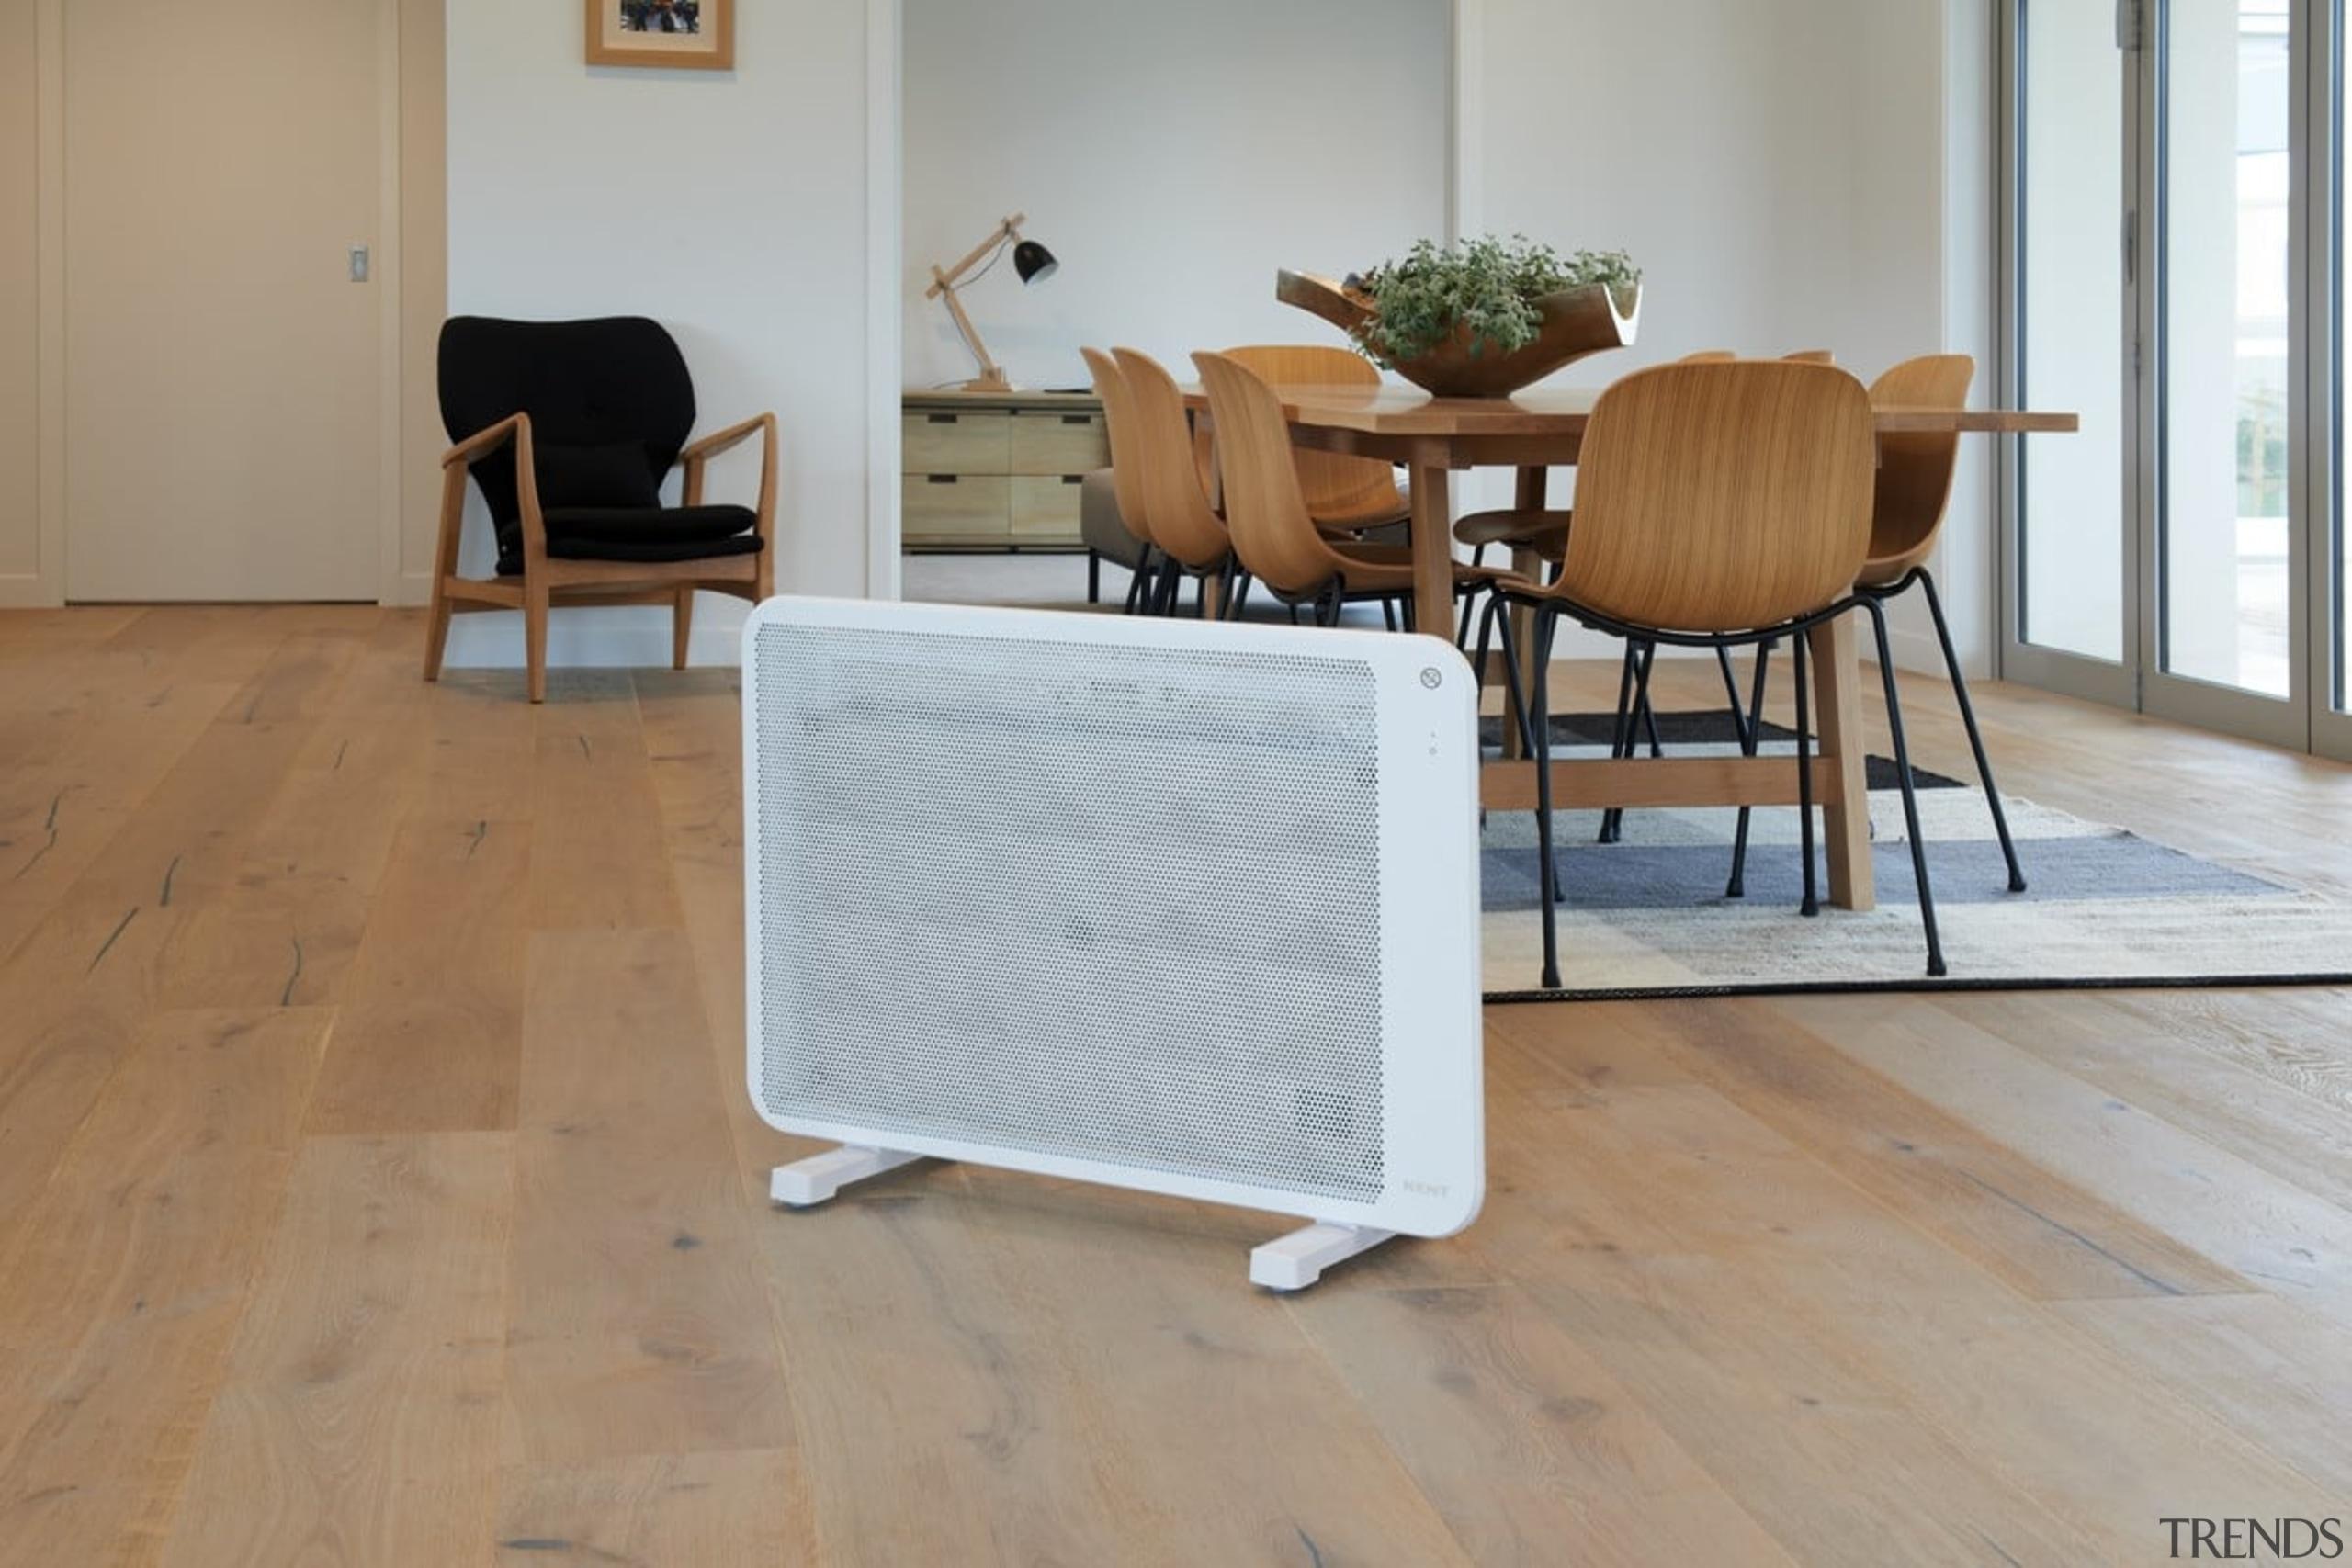 Kent Portable Heating - chair | floor | chair, floor, flooring, furniture, hardwood, laminate flooring, living room, product, table, tile, wood, wood flooring, wood stain, gray, brown